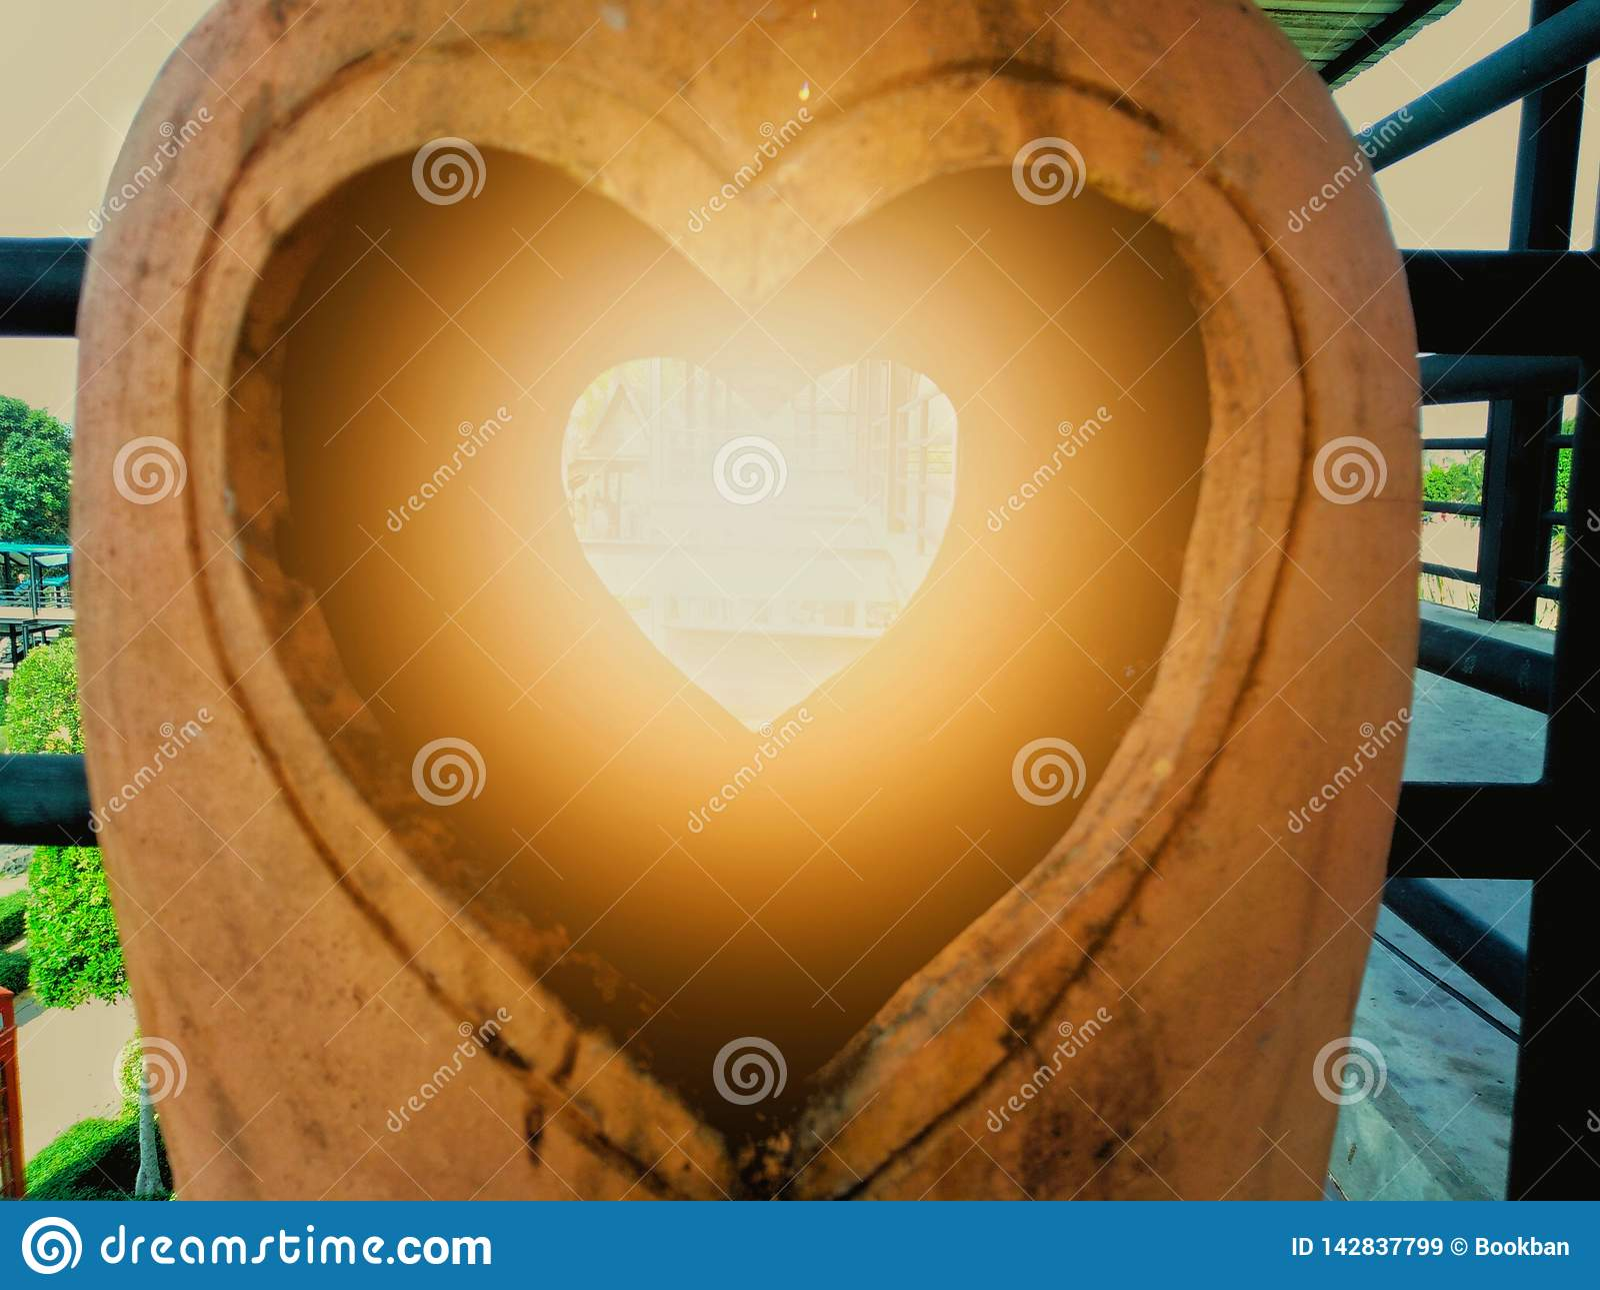 Het beeldhouwwerk van de aardewerkklei met een hart in het midden